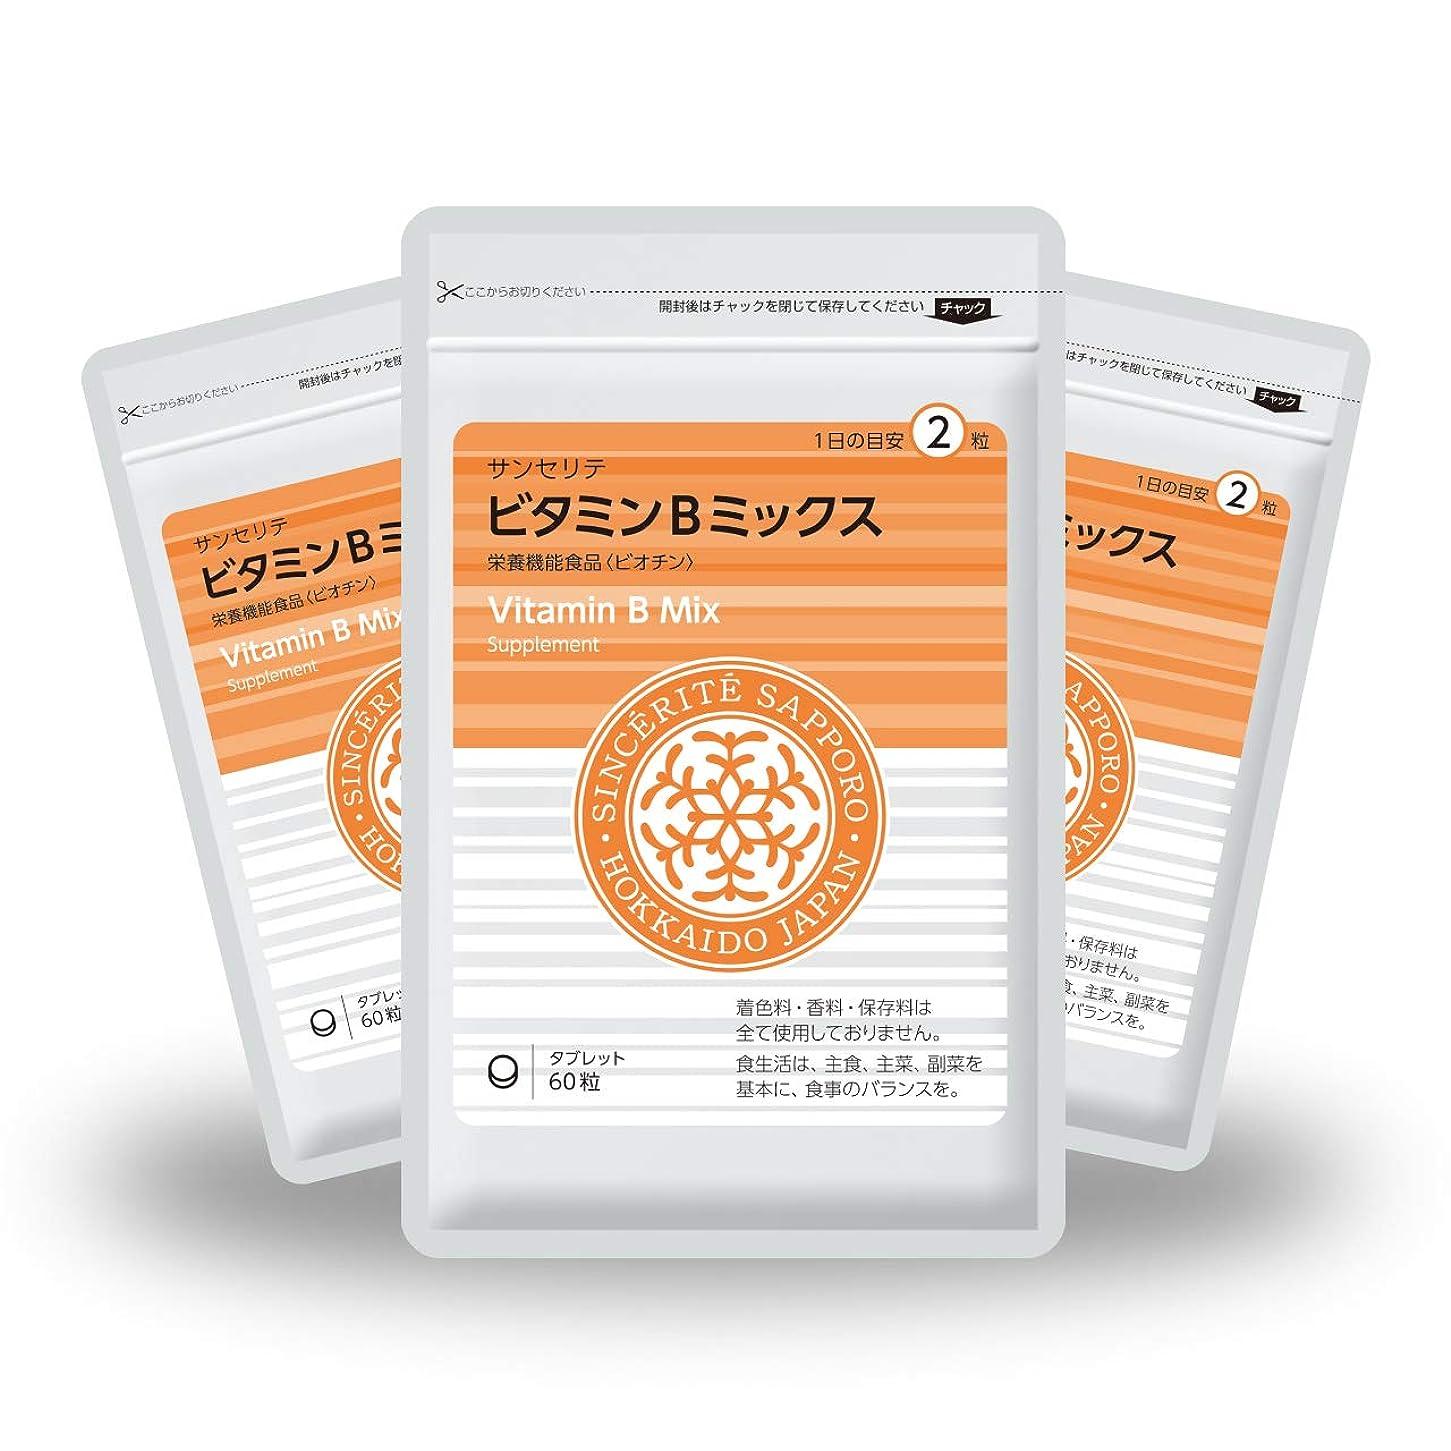 端通貨考えビタミンBミックス 3袋セット[栄養機能食品]ビタミンB群たっぷり配合[国内製造]お得な★90日分